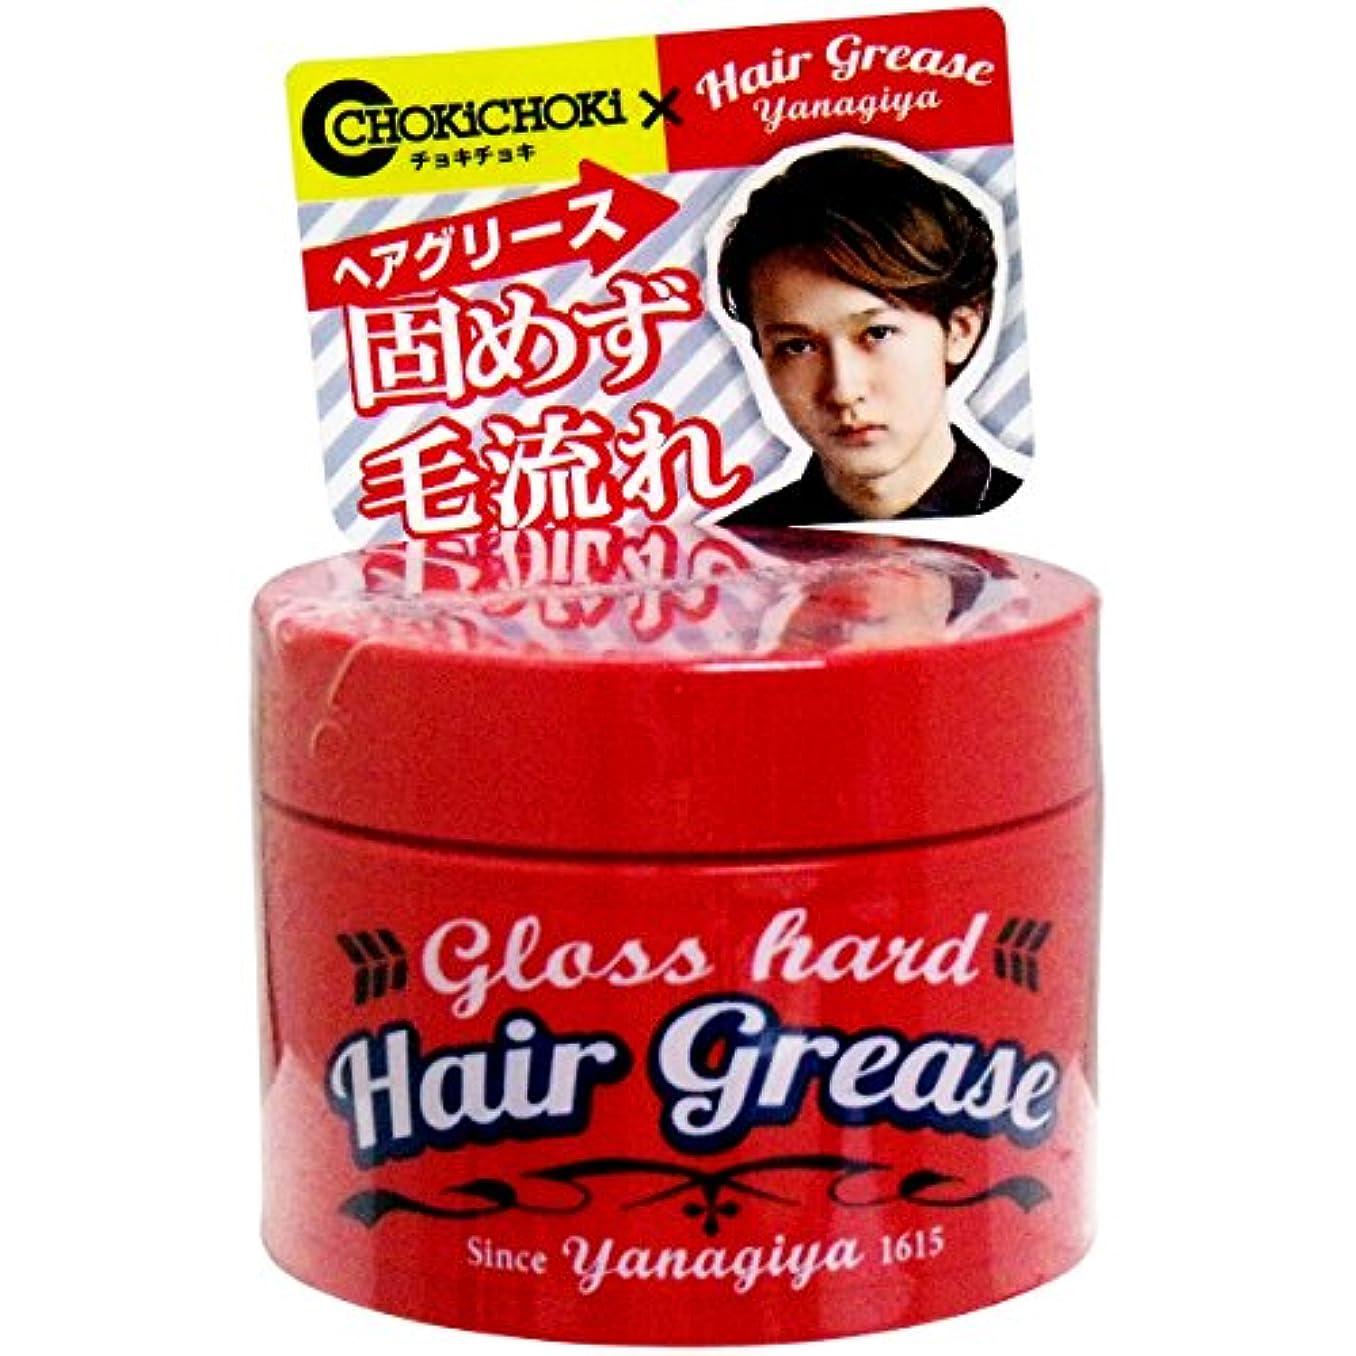 同情的ボーダー頼るヘアワックス 固めず毛流れ 使いやすい YANAGIYA ヘアグリース グロスハード 90g入【1個セット】